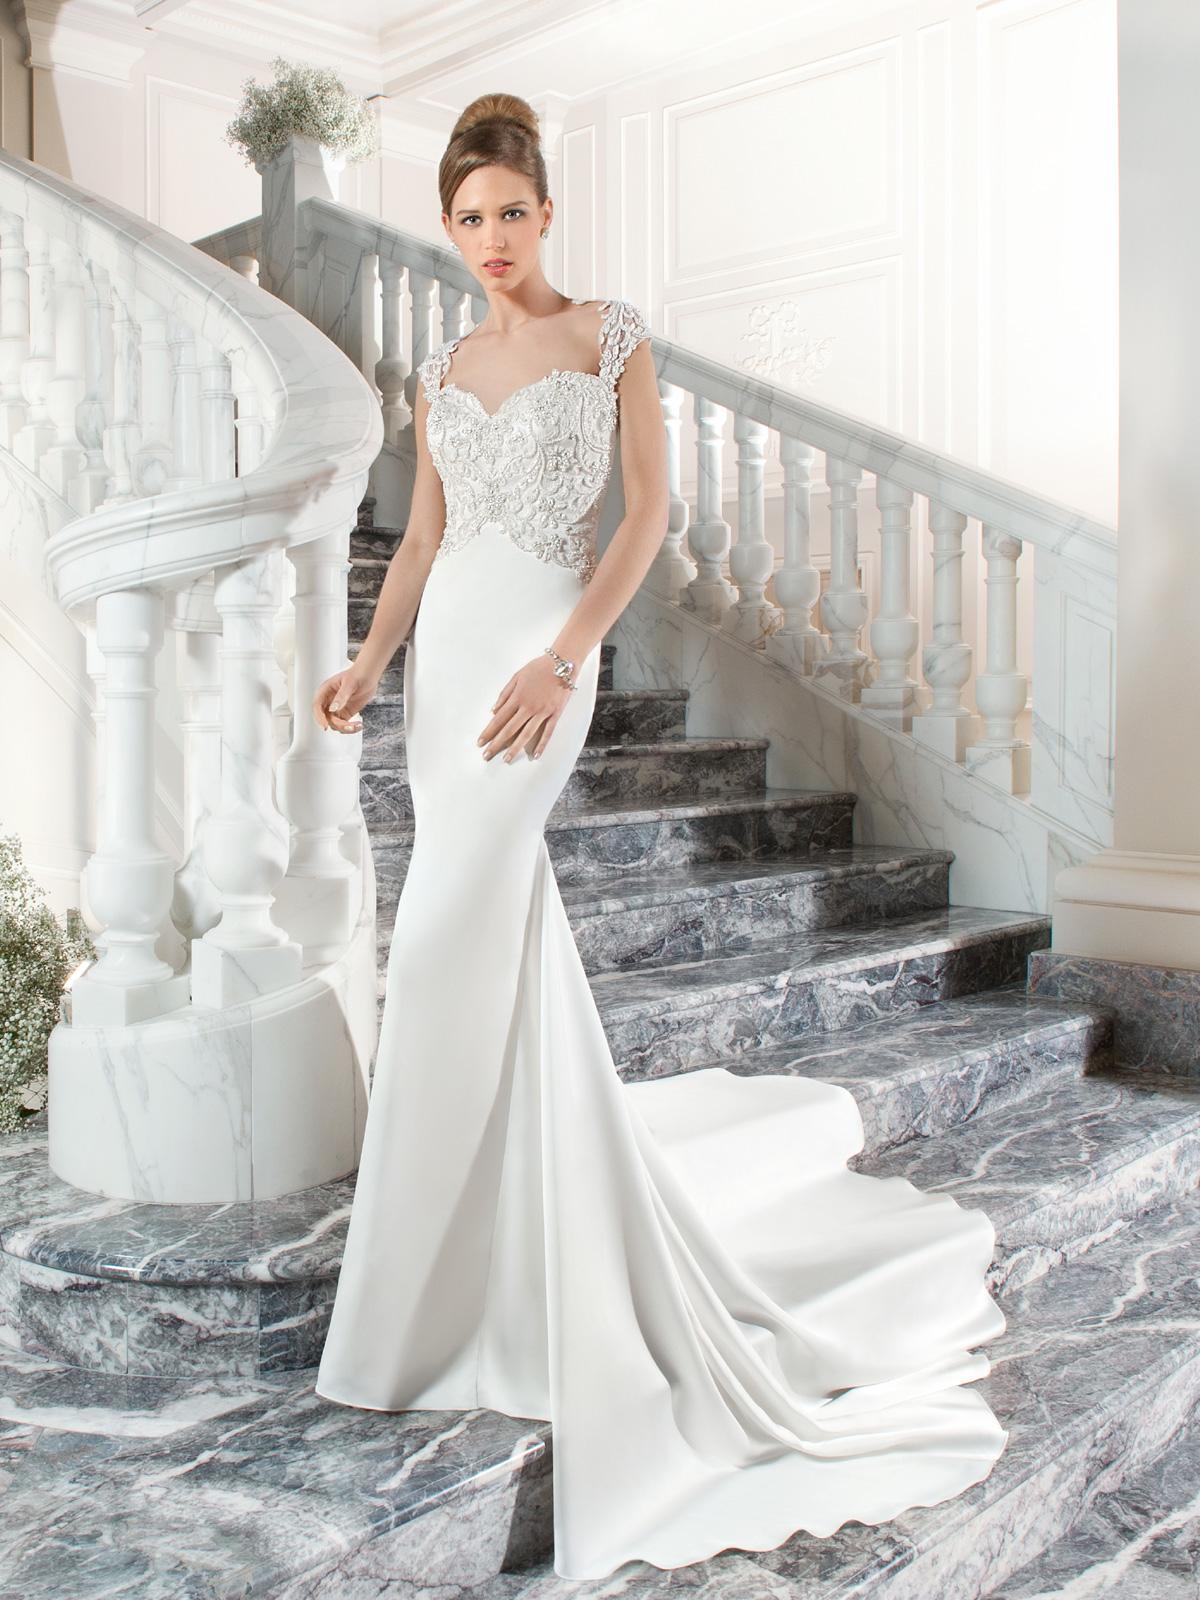 Vestido de Noiva com decote princesa, transparência nas costas, corte sereia com saia lisa em cetim e cauda.